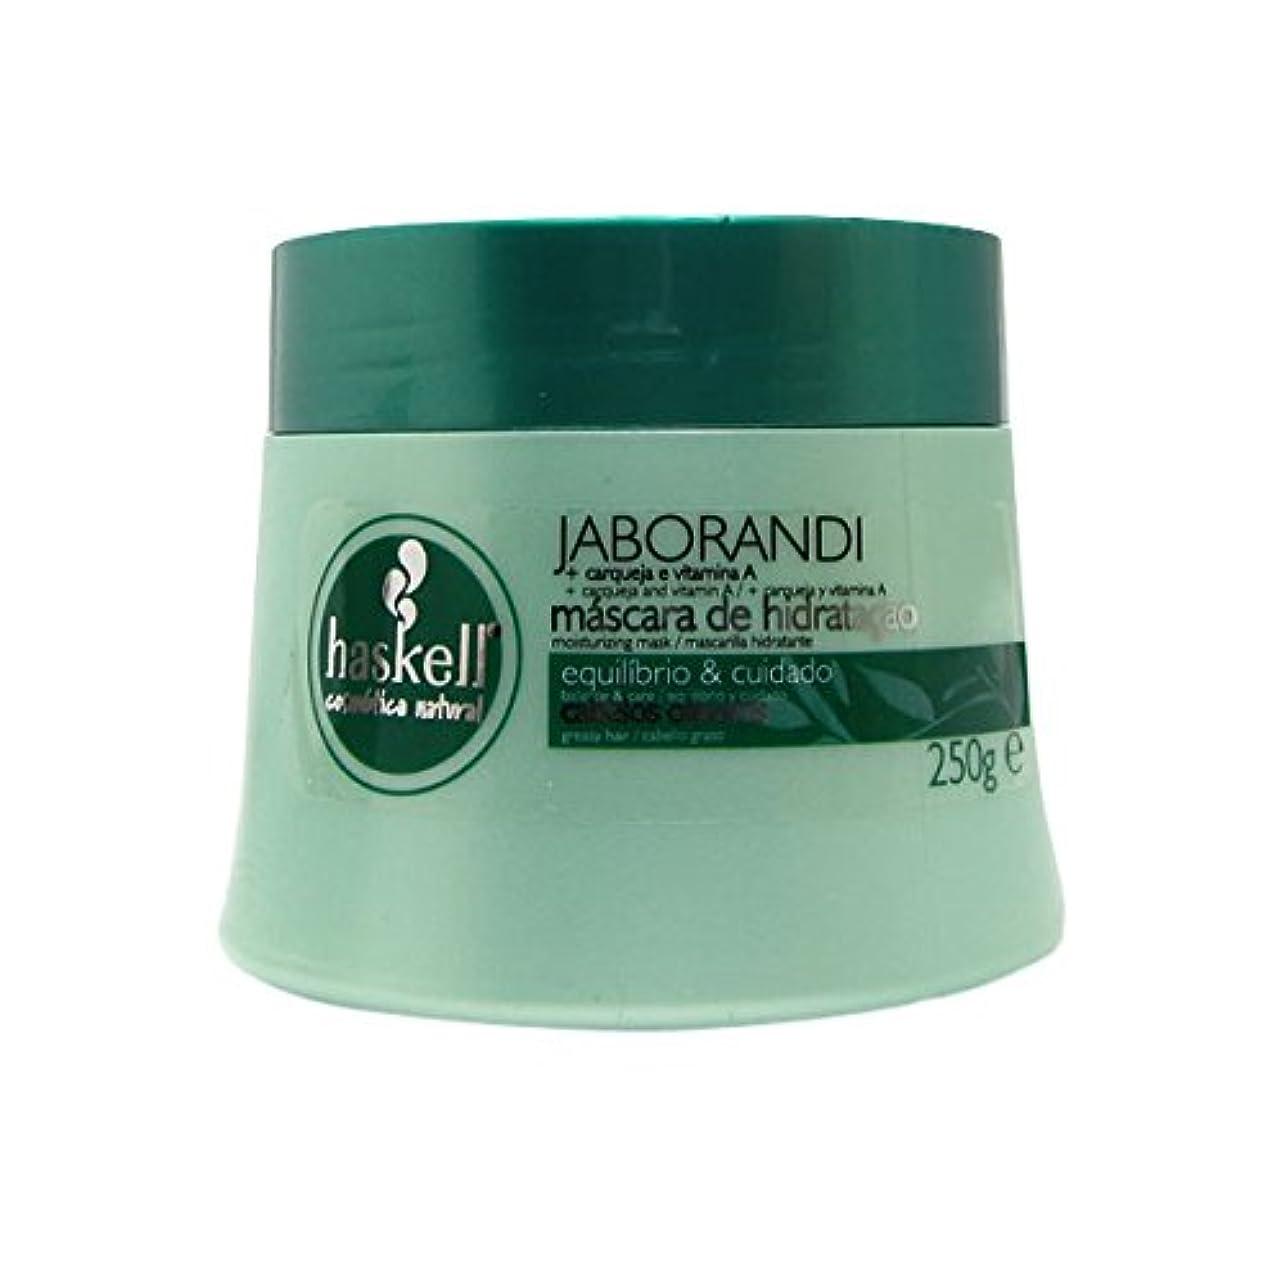 ヒゲクジラ取り付け物理Haskell Jaborandi Hair Mask 250g [並行輸入品]